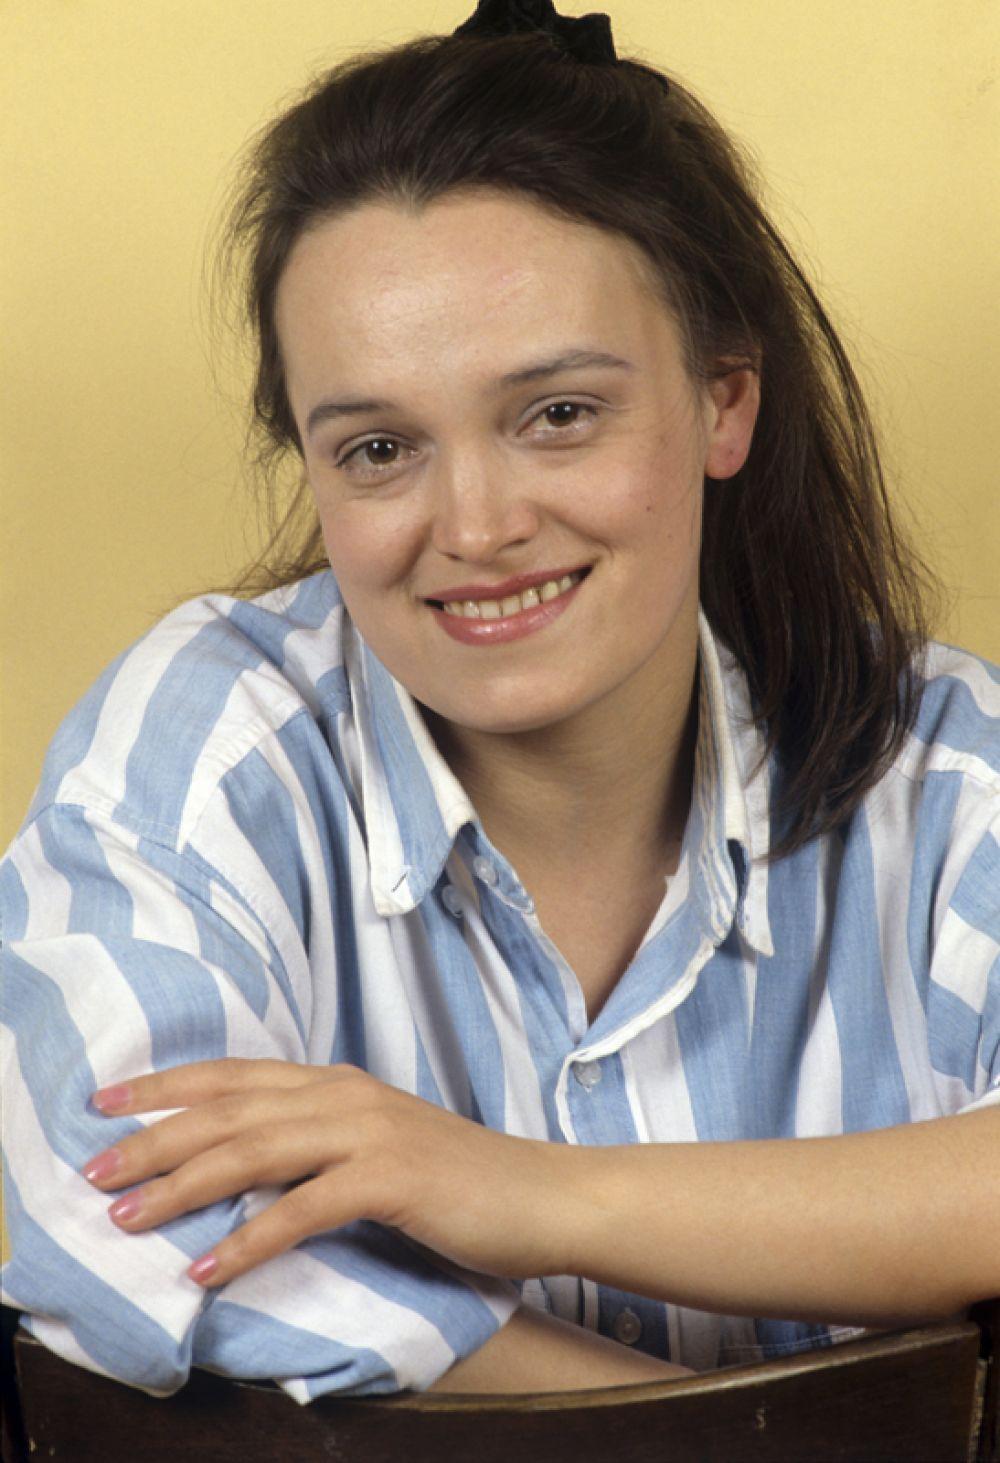 Солистка ансамбля «Золотое кольцо» Надежда Кадышева, 1988 год.